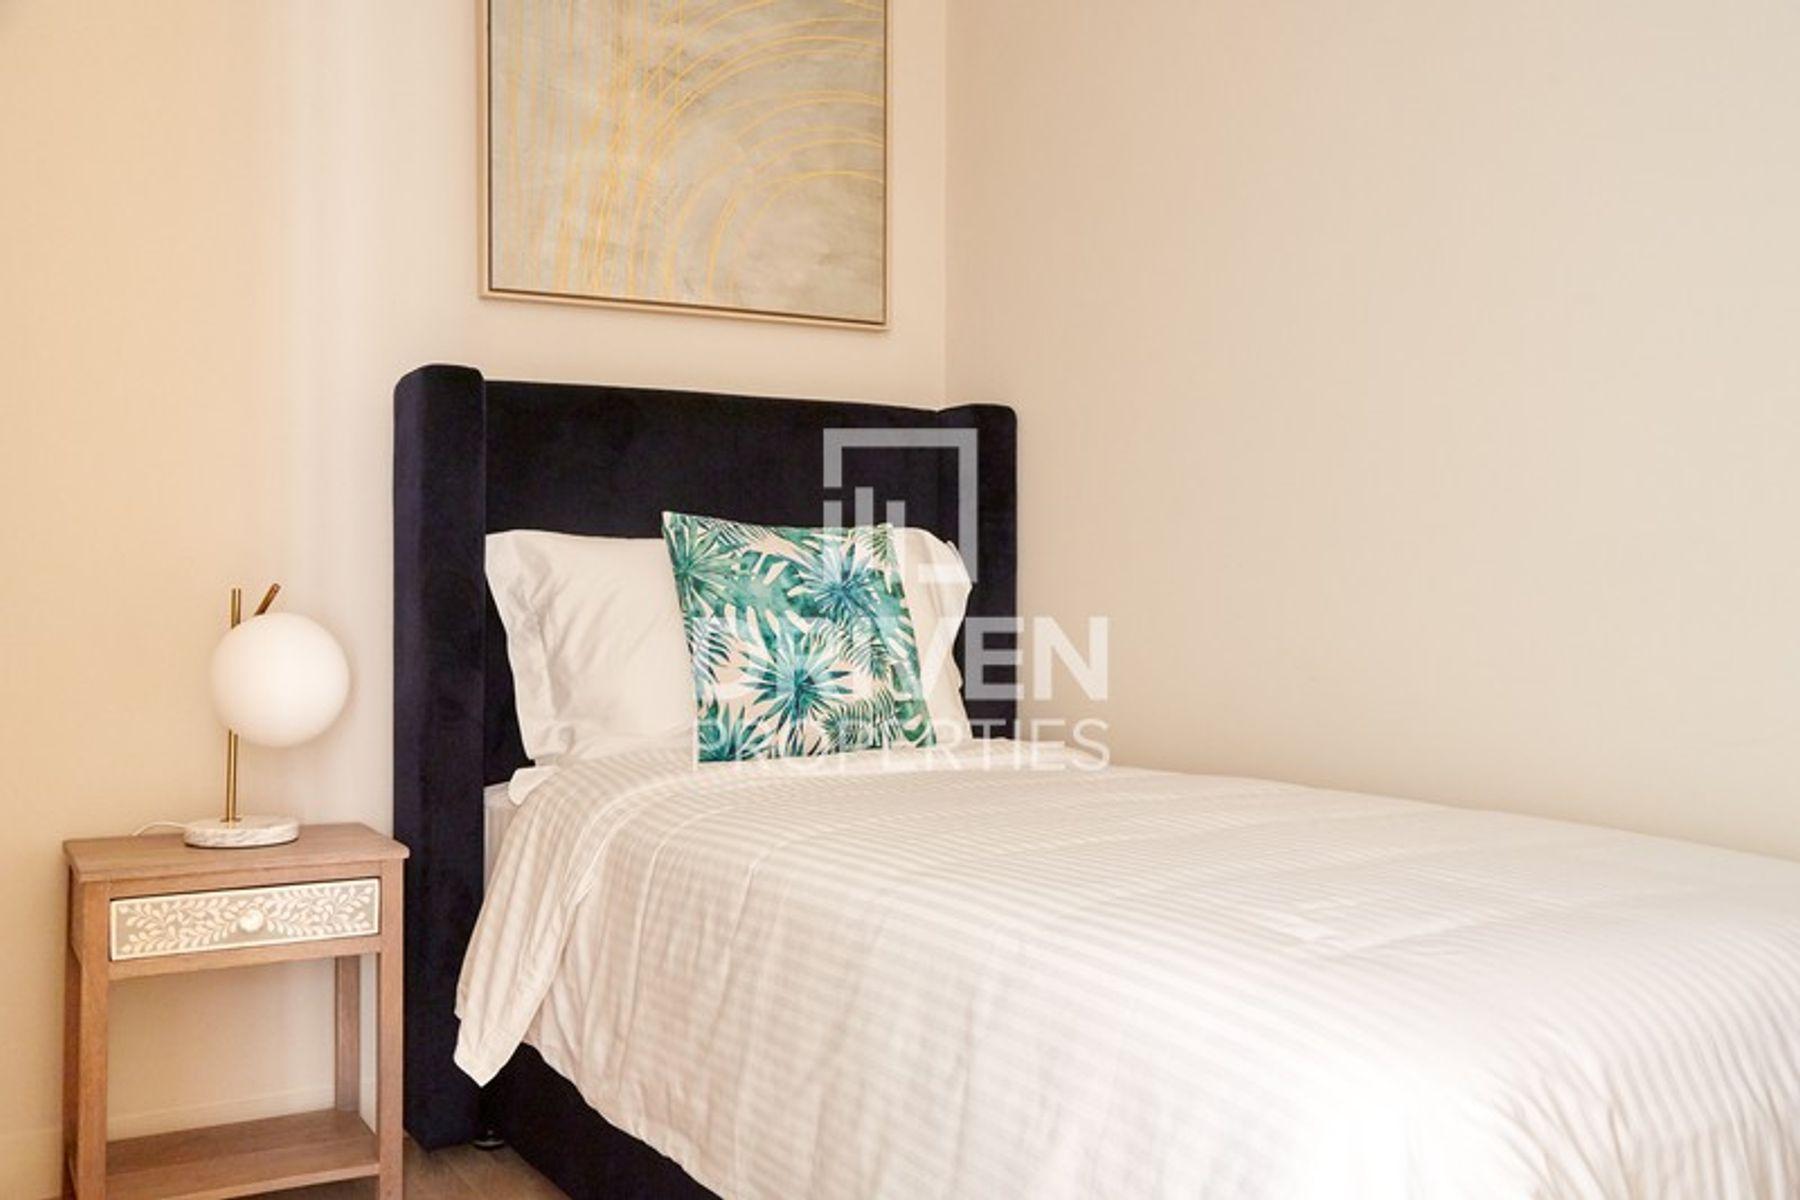 للايجار - شقة - الفتان كريستال تاورز - مساكن شاطئ الجميرا